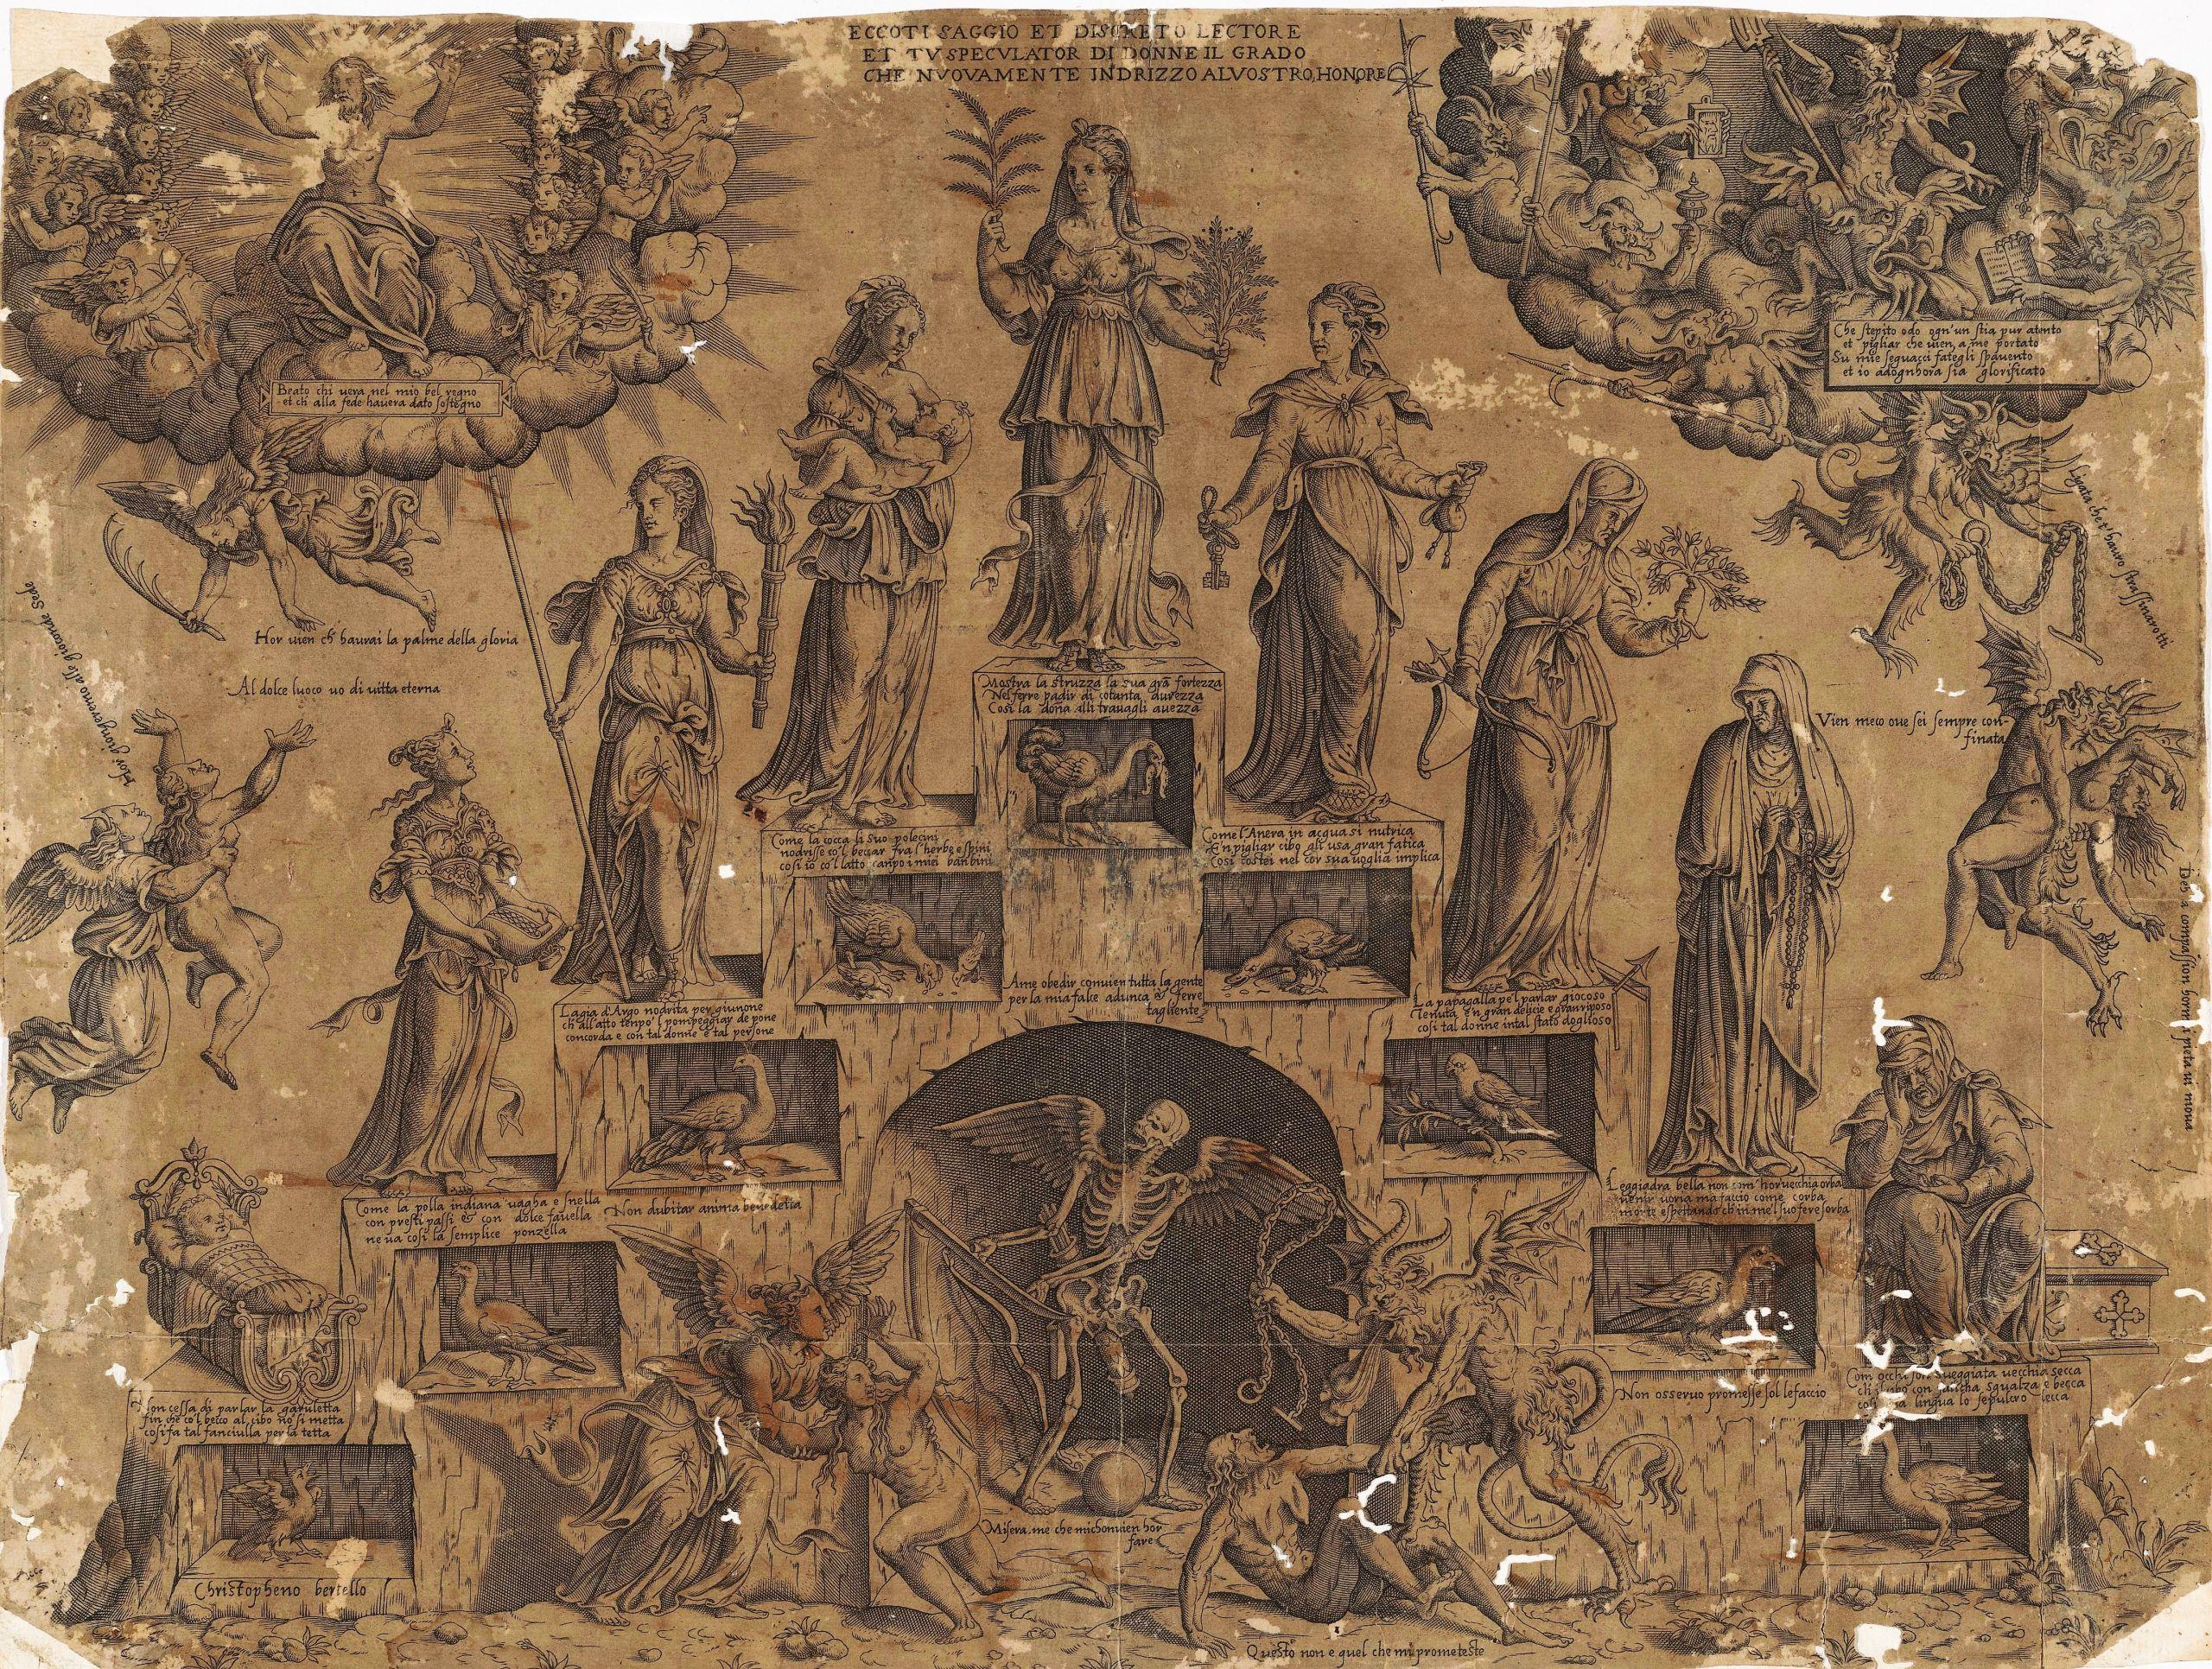 Cristofano Bertelli c 1560 Escalier de la vie feminine Rijksmuseum